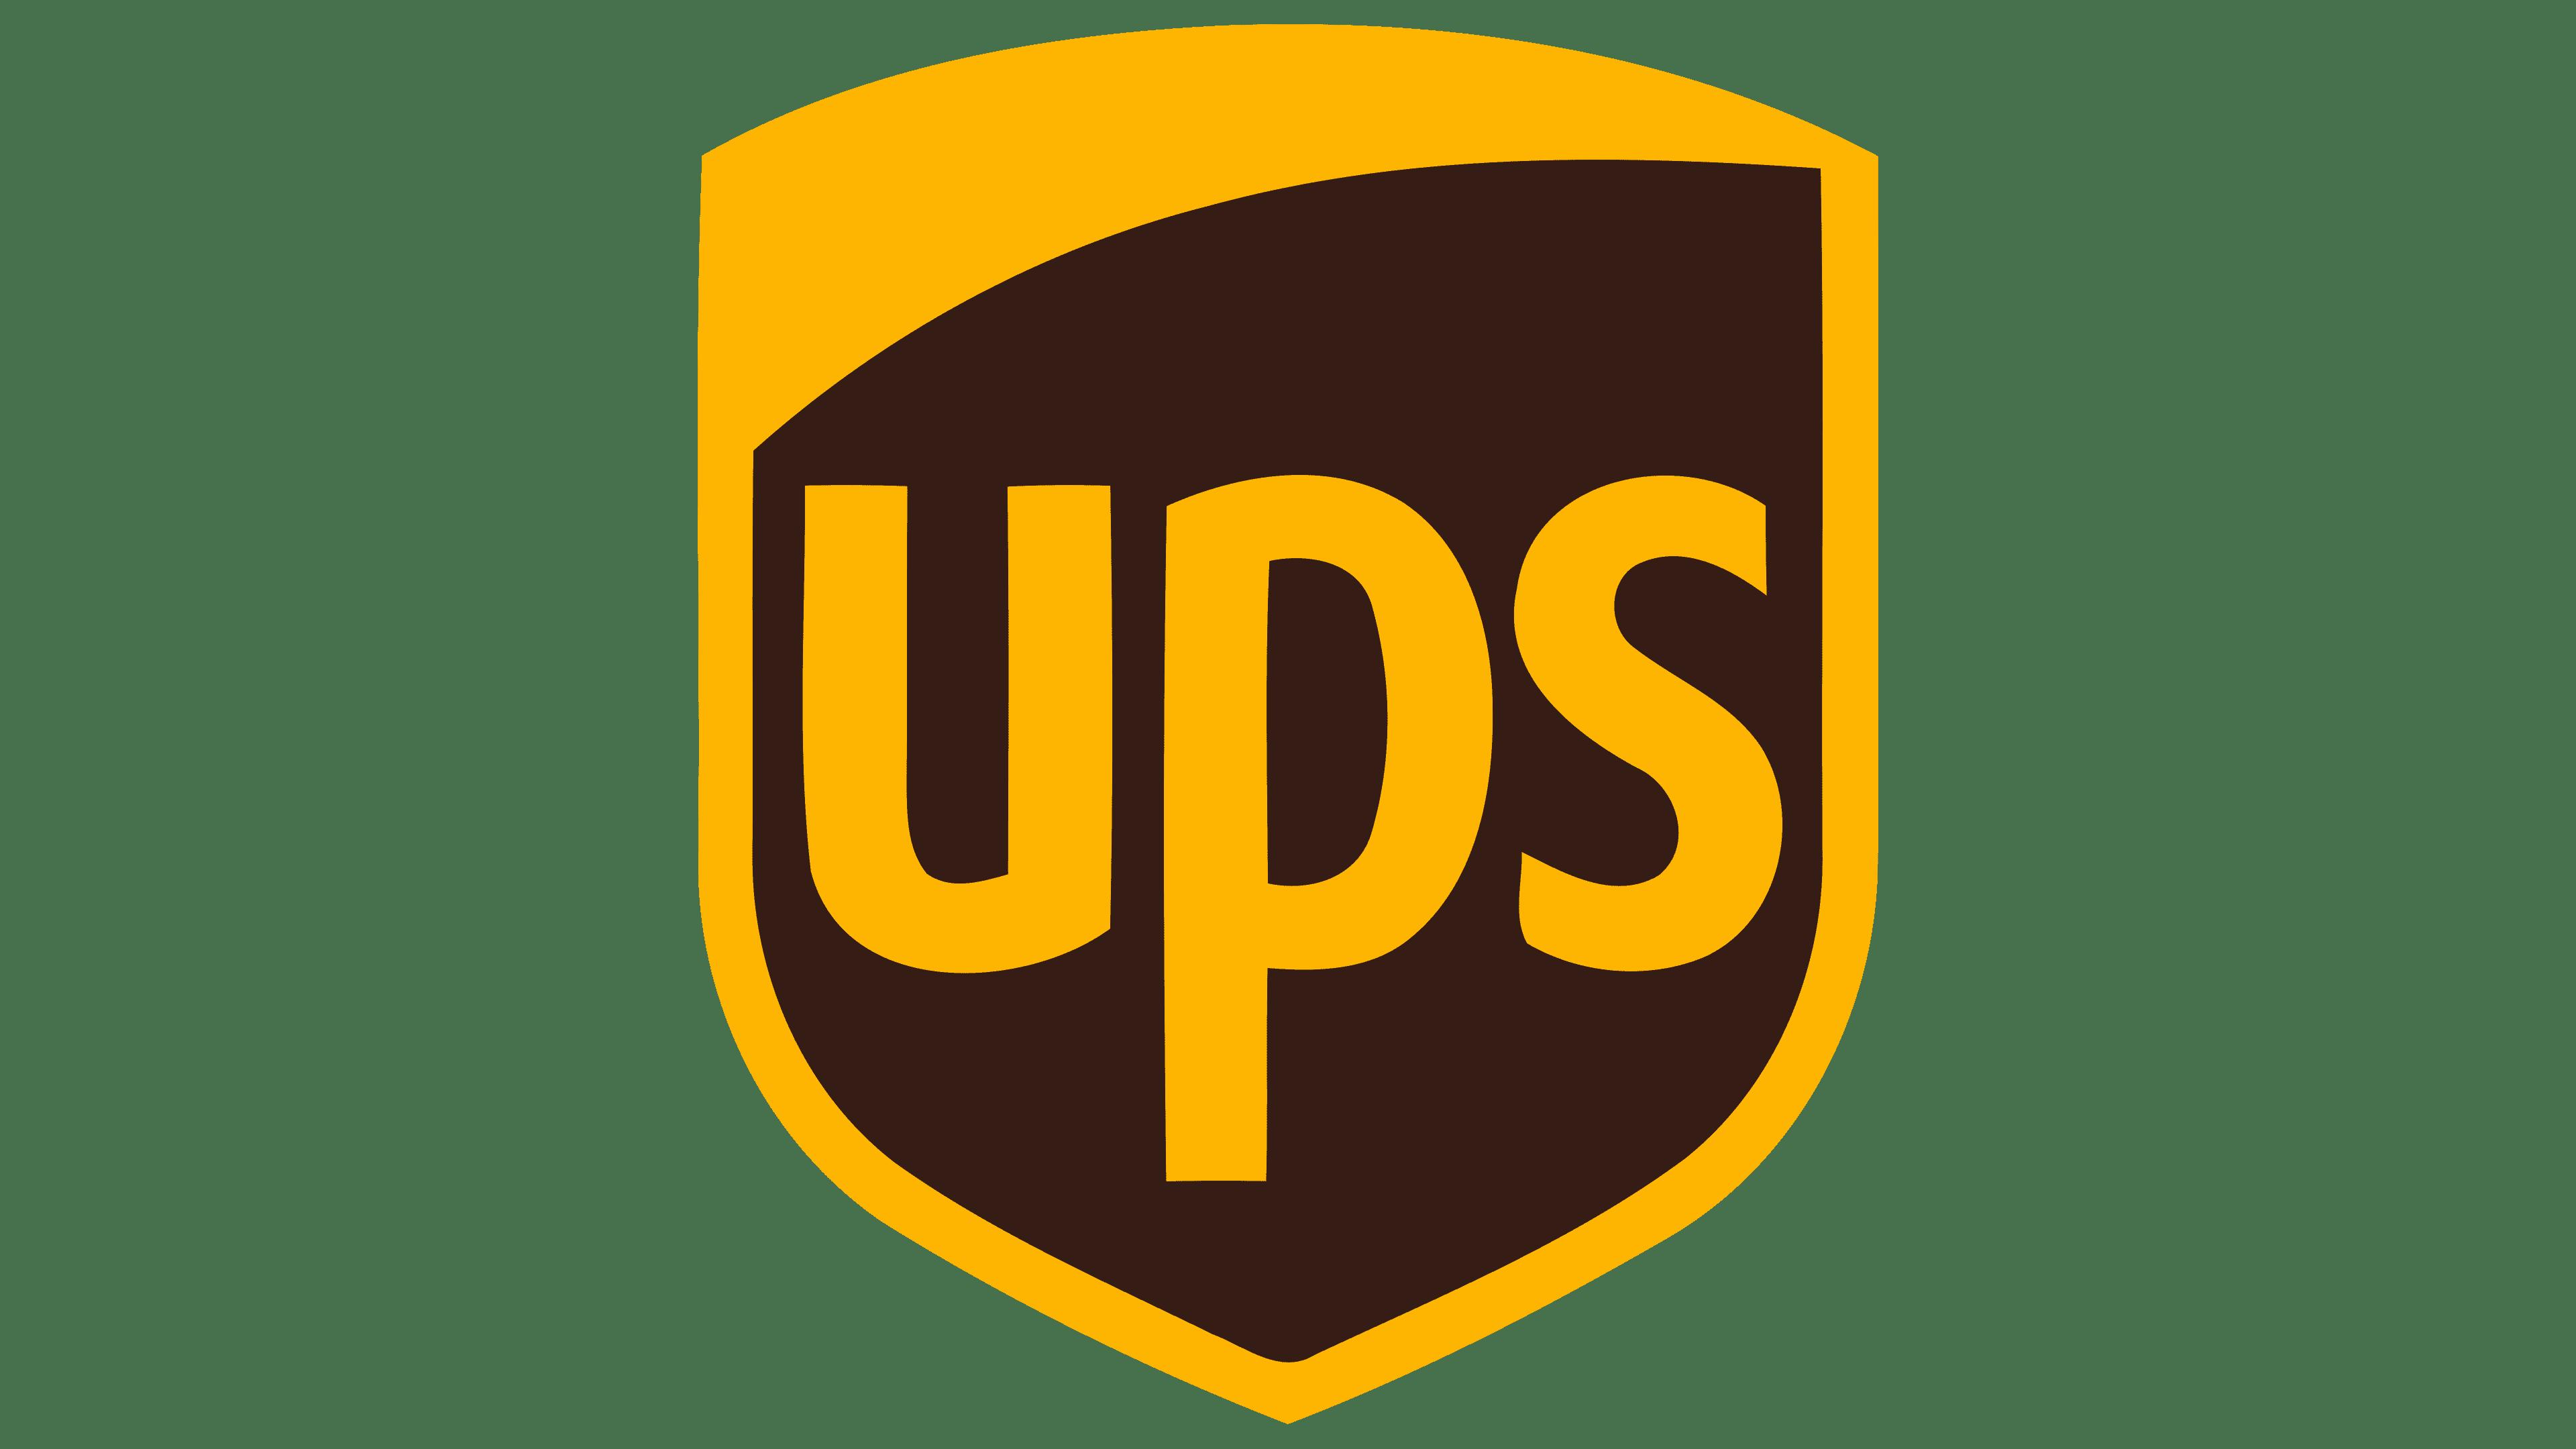 UPS Logo | Symbol, History, PNG (3840*2160)